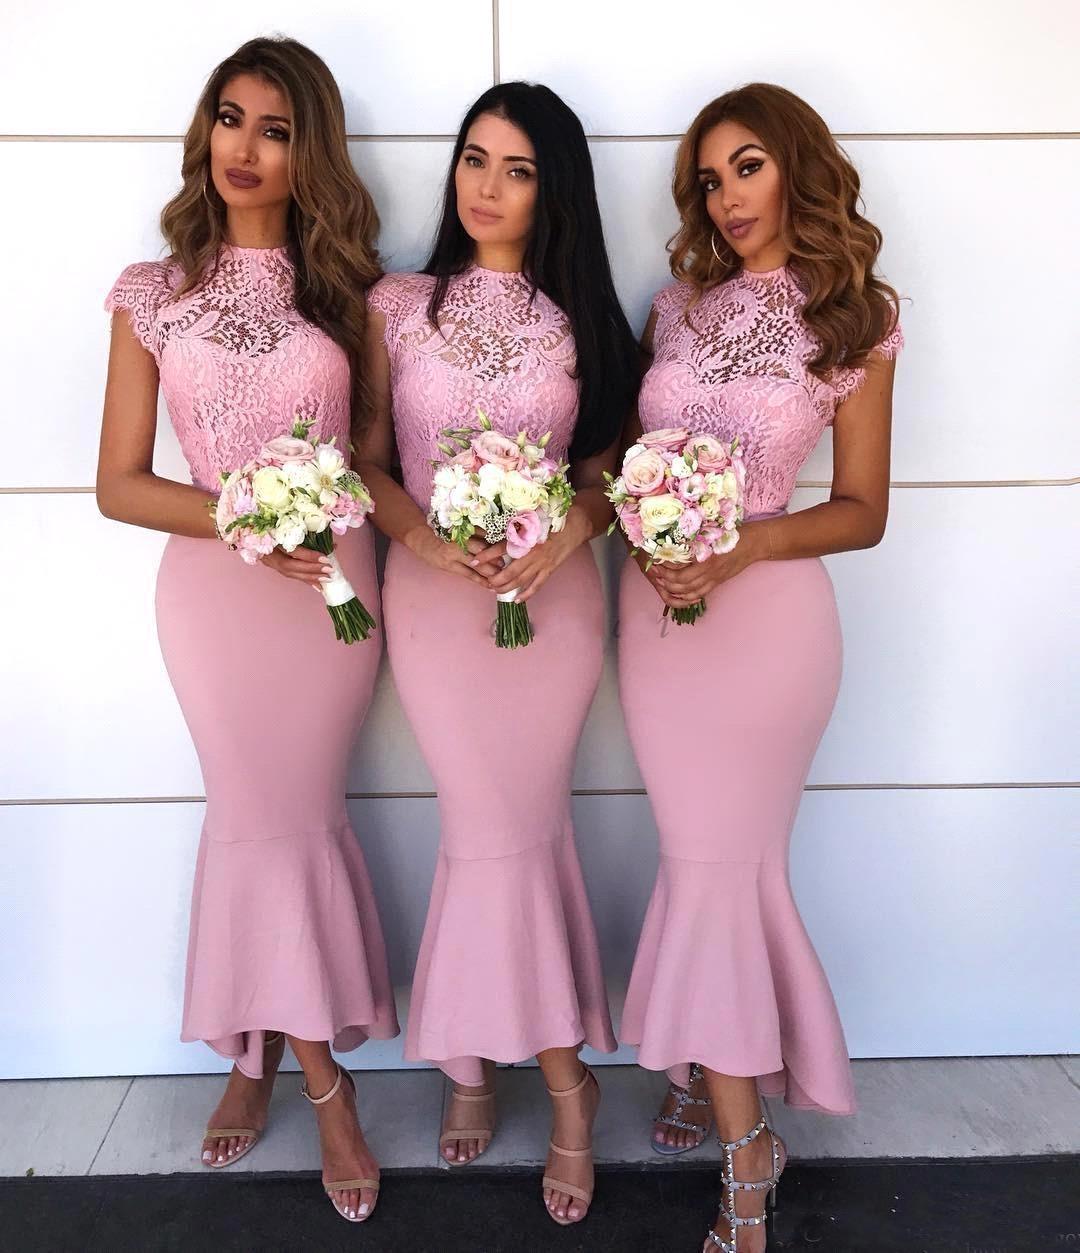 2018 Elegante Encaje Rosa Vestido De Dama De Honor Para Boda Fiesta De Cuello Alto De Sirena Mangas De Dama De Honor Vestidos Buy Vestidos De Dama